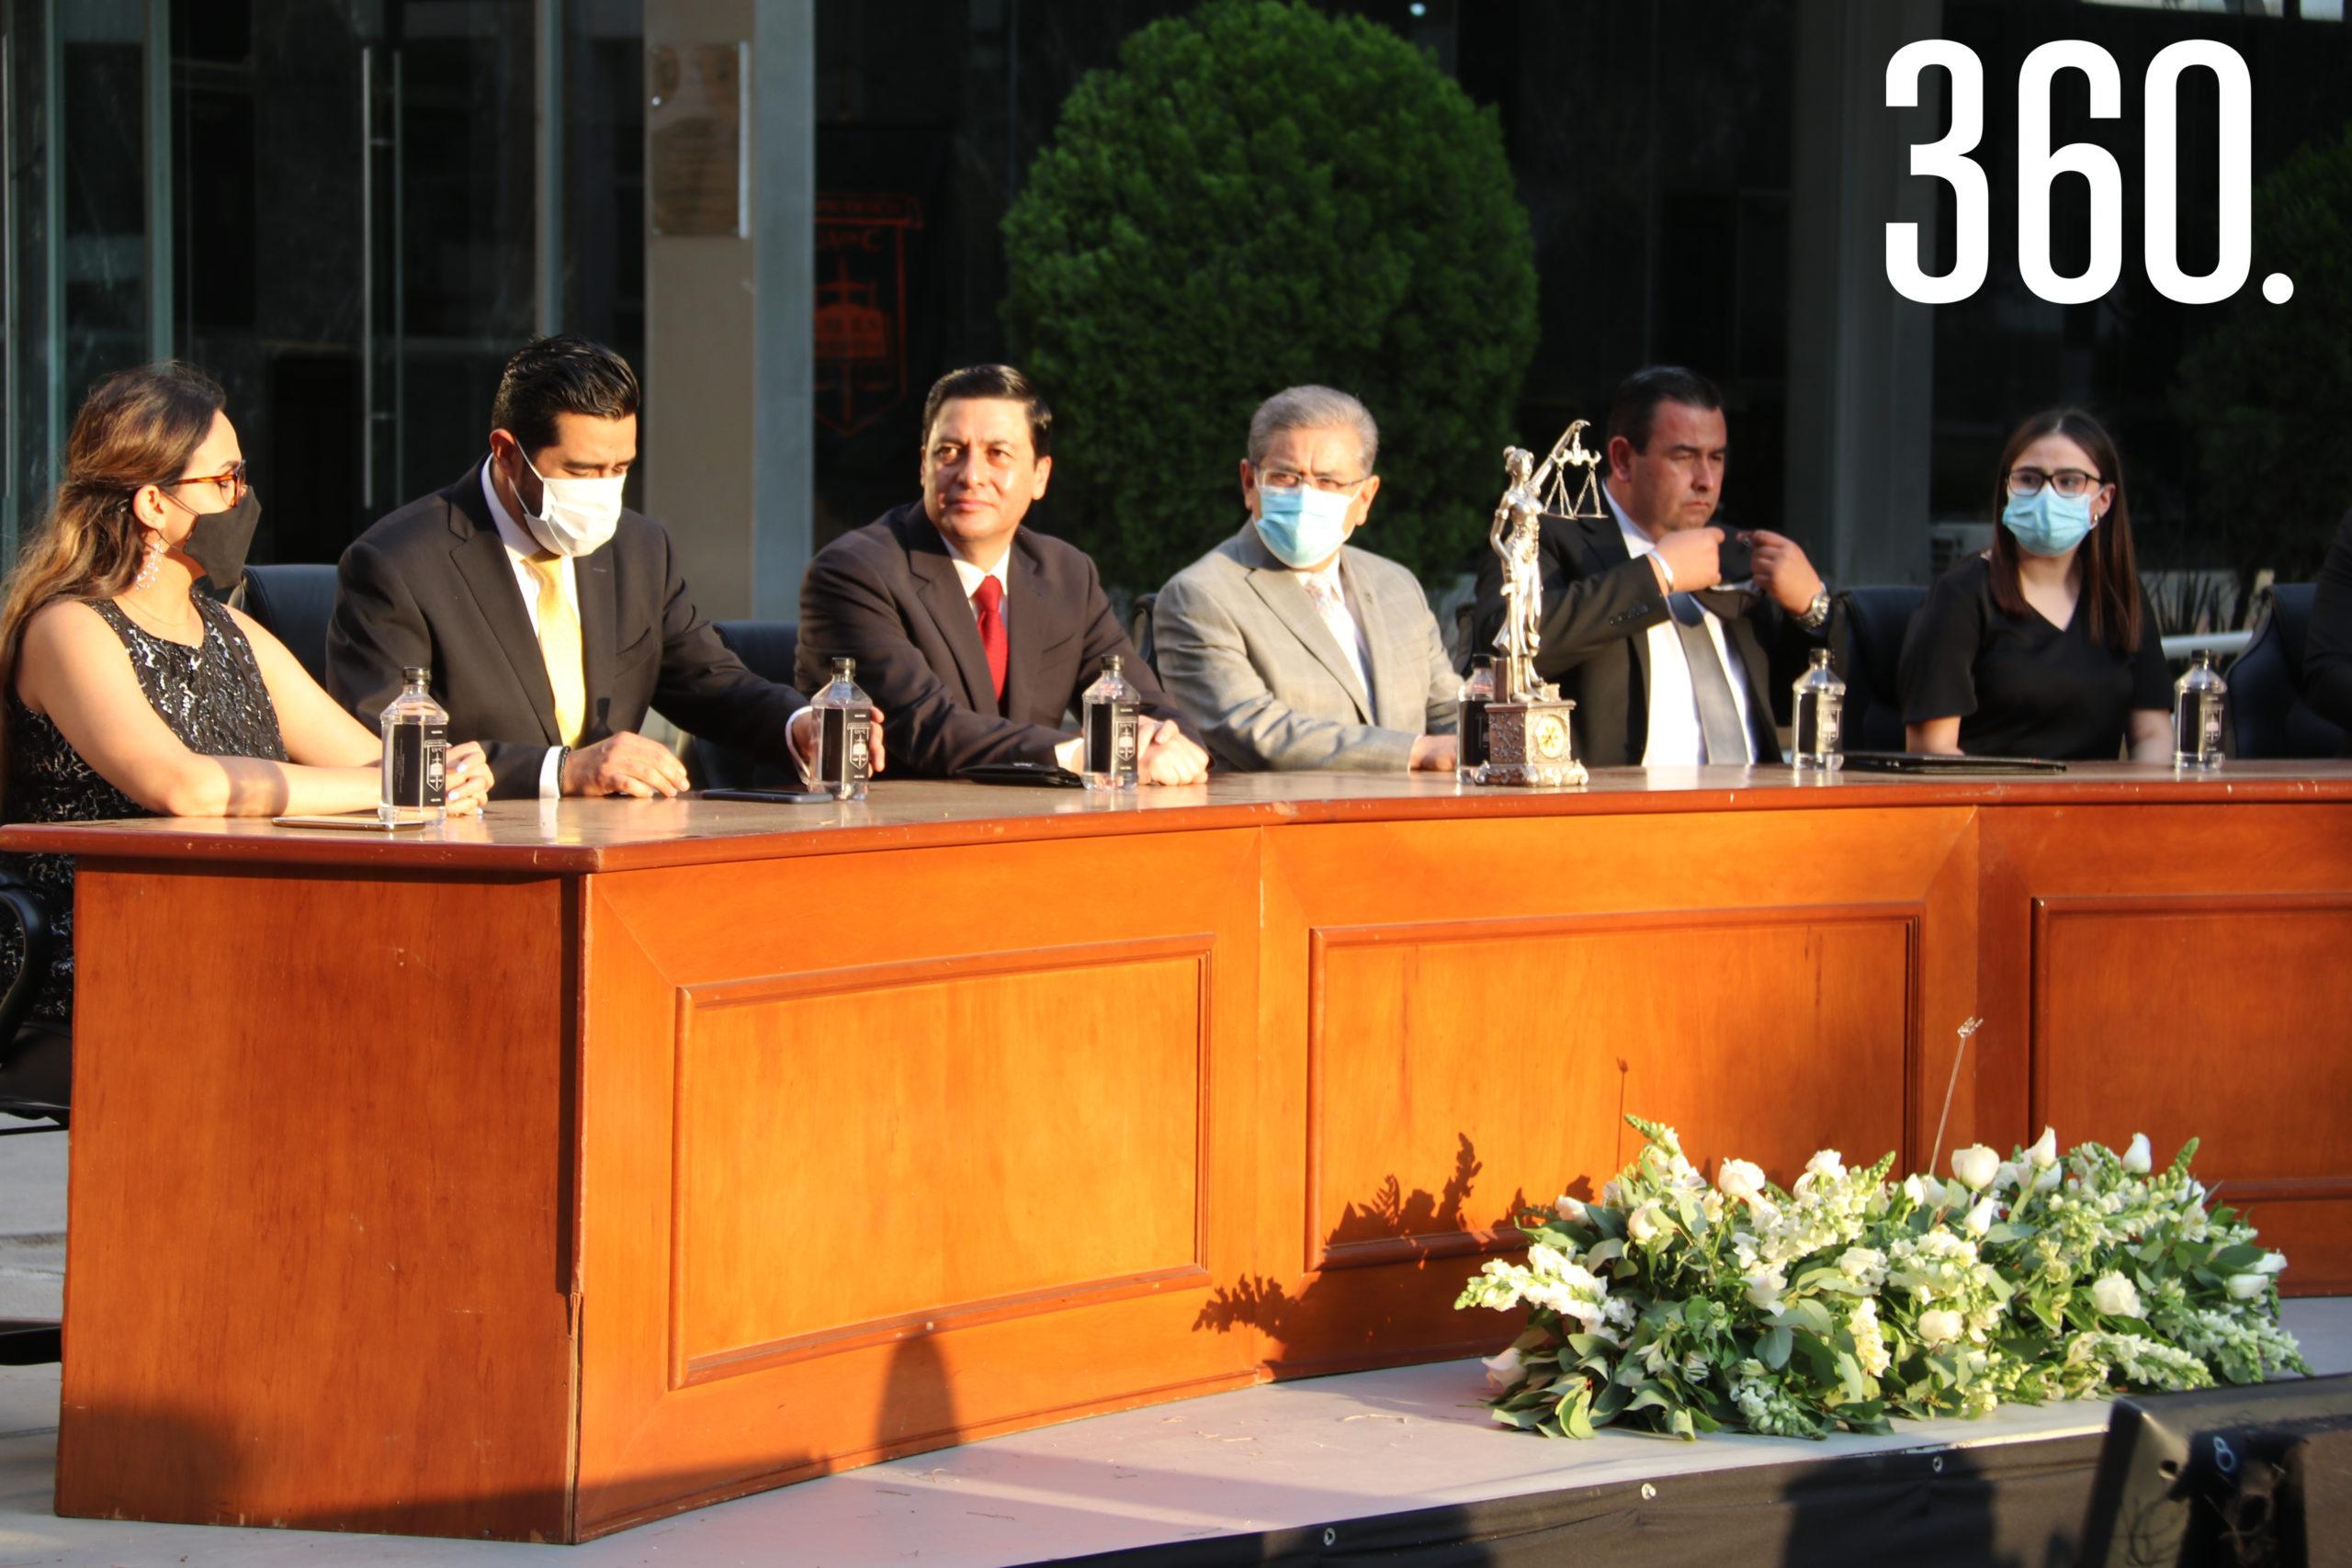 Ana Marcela Lombell, Iván Garza García, Jorge Luis Chávez, Salvador Hernández, Alfonso Yáñez y Elena Ramos.